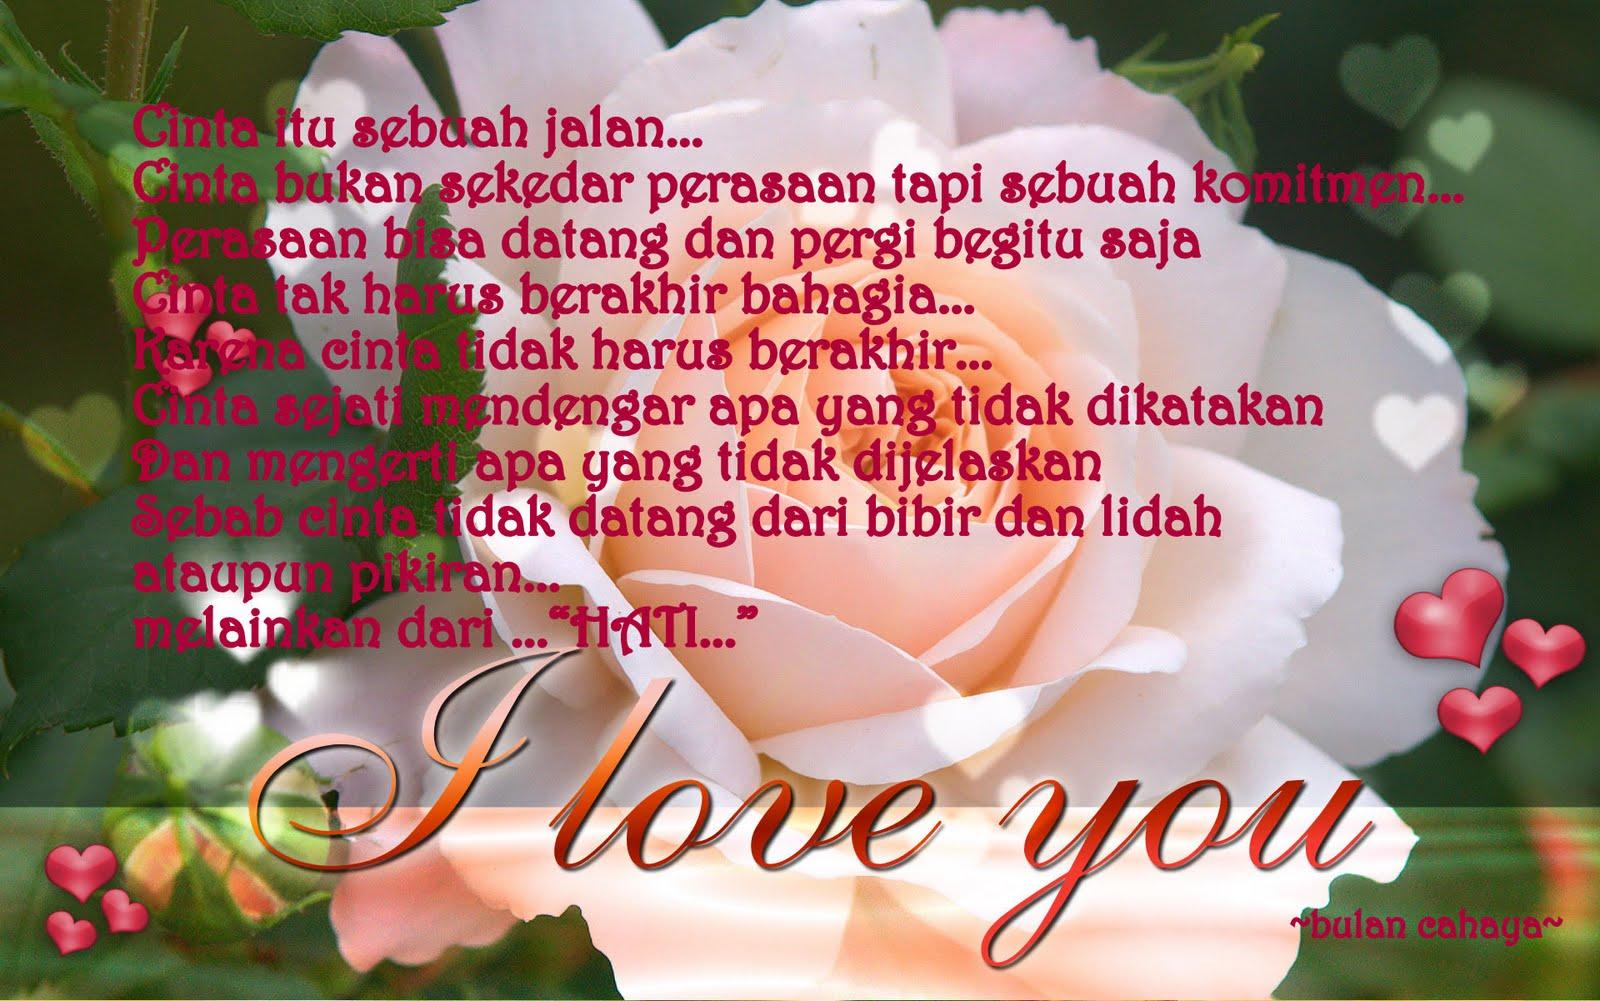 Kata mutiara cinta terindah 2012